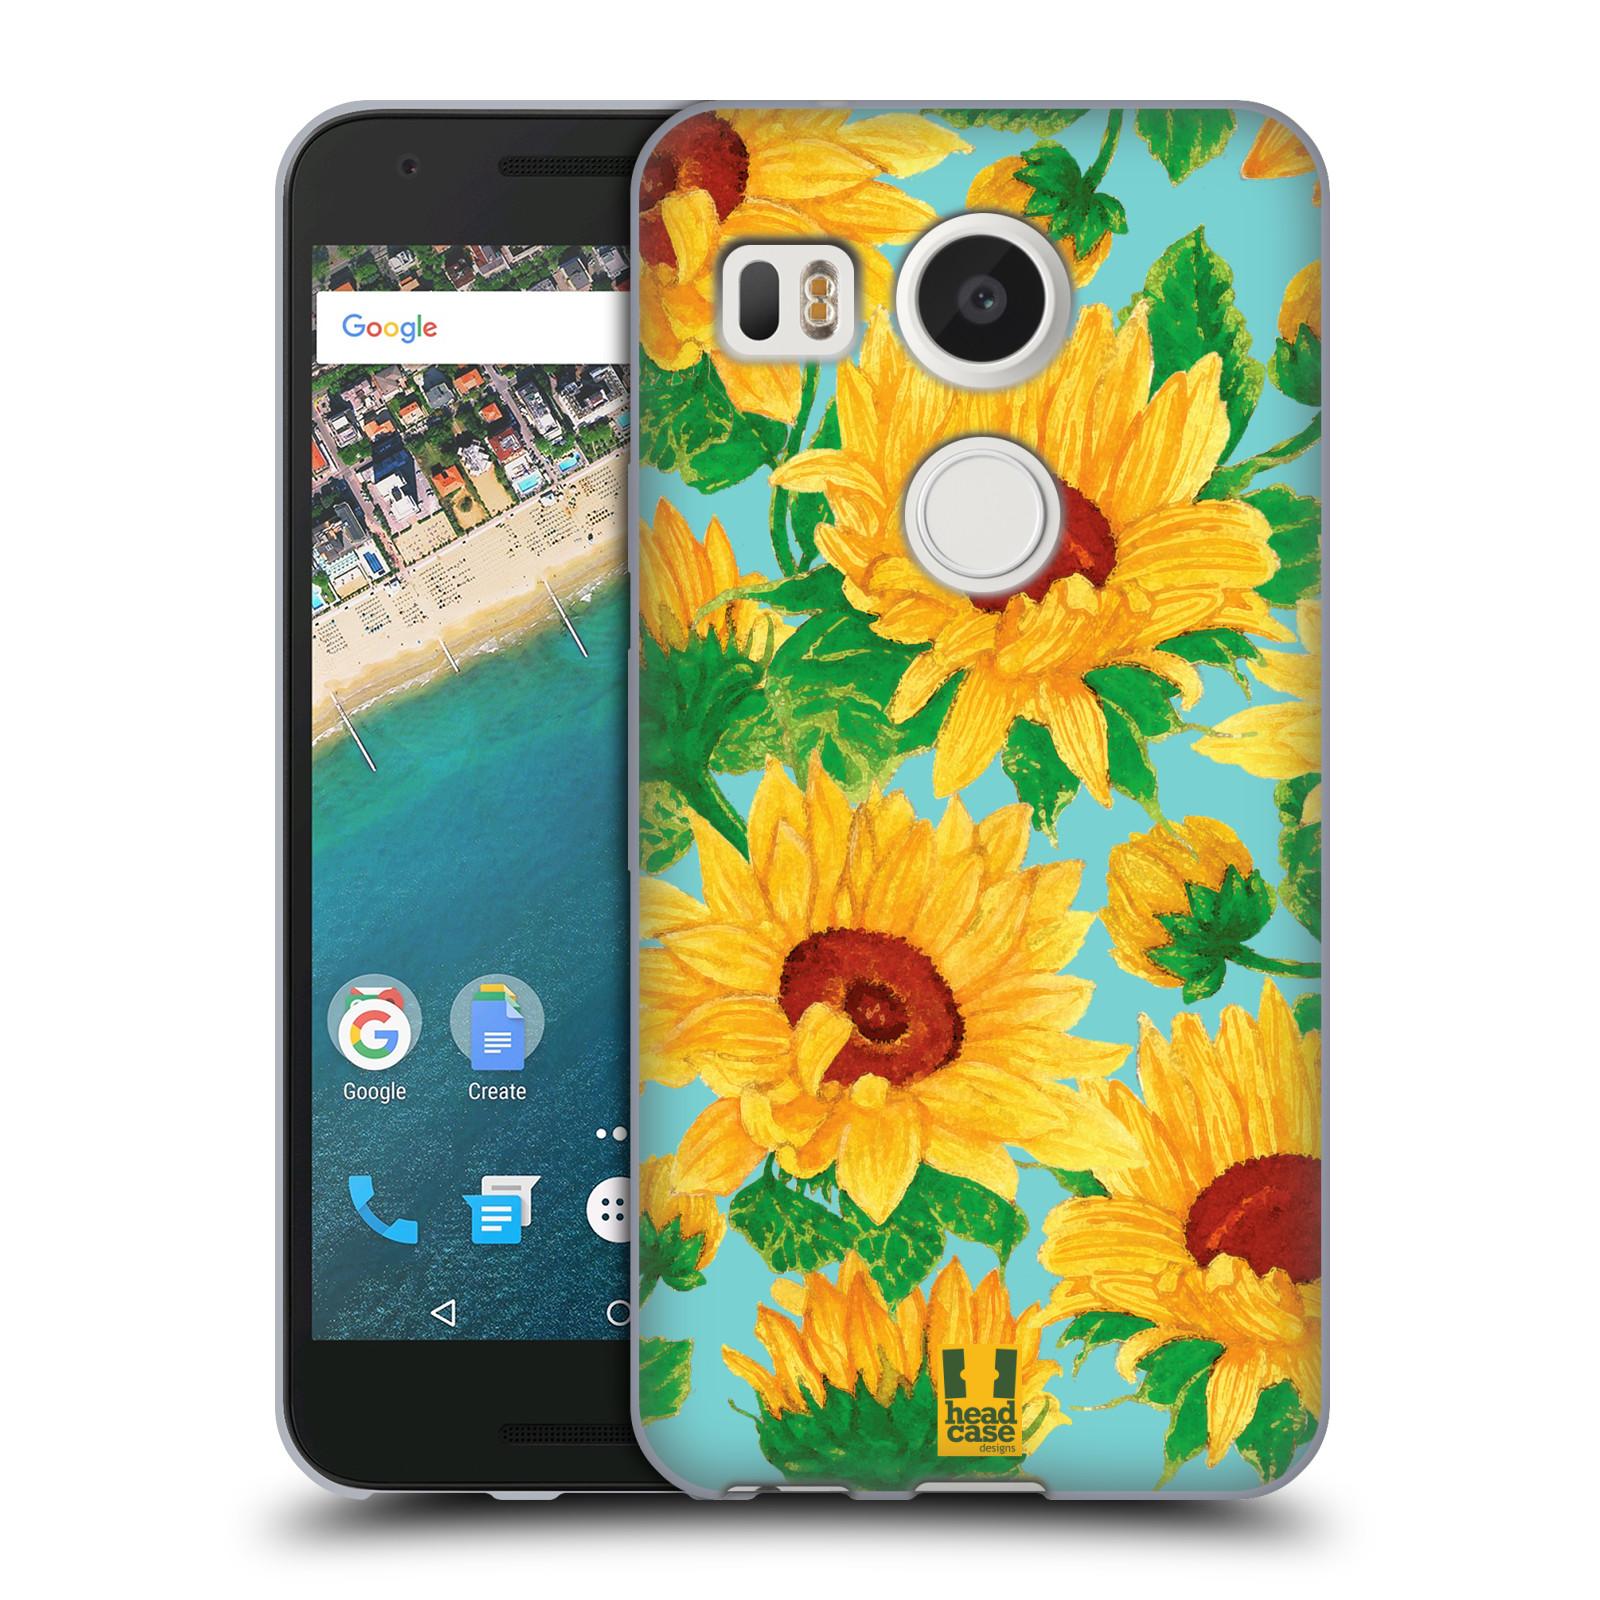 Silikonové pouzdro na mobil LG Nexus 5X - Head Case - Slunečnice (Silikonový kryt či obal na mobilní telefon LG Nexus 5X)